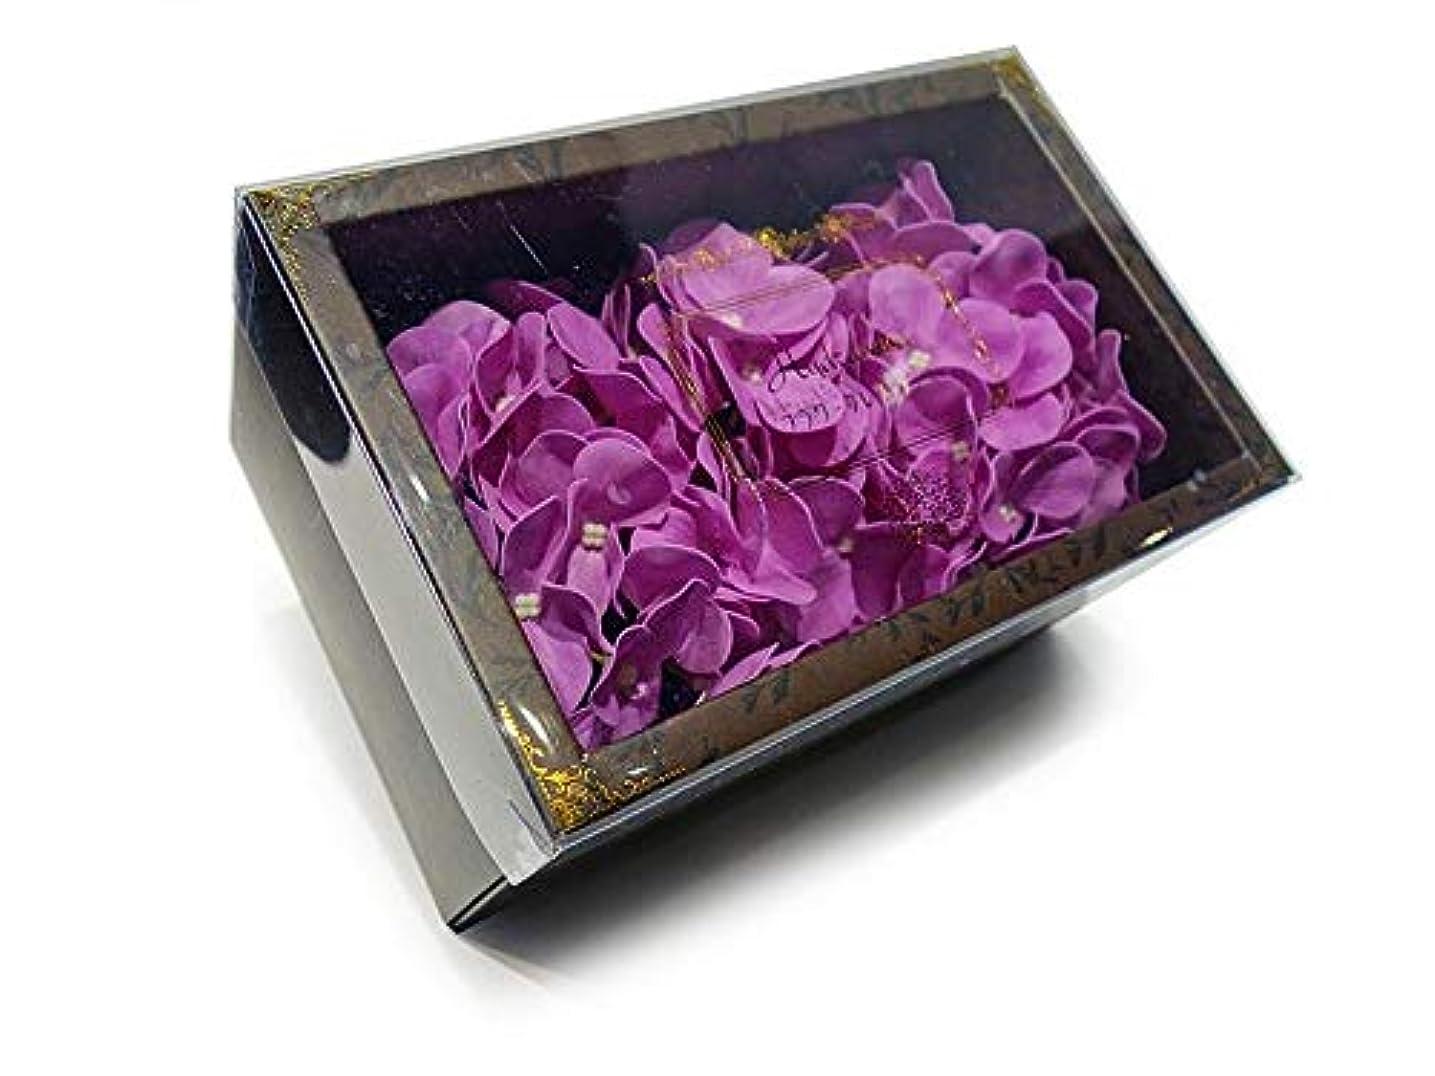 ランチ背骨十分花のカタチの入浴剤 アジサイ バスフレグランス フラワーフレグランス バスフラワー (パープル)